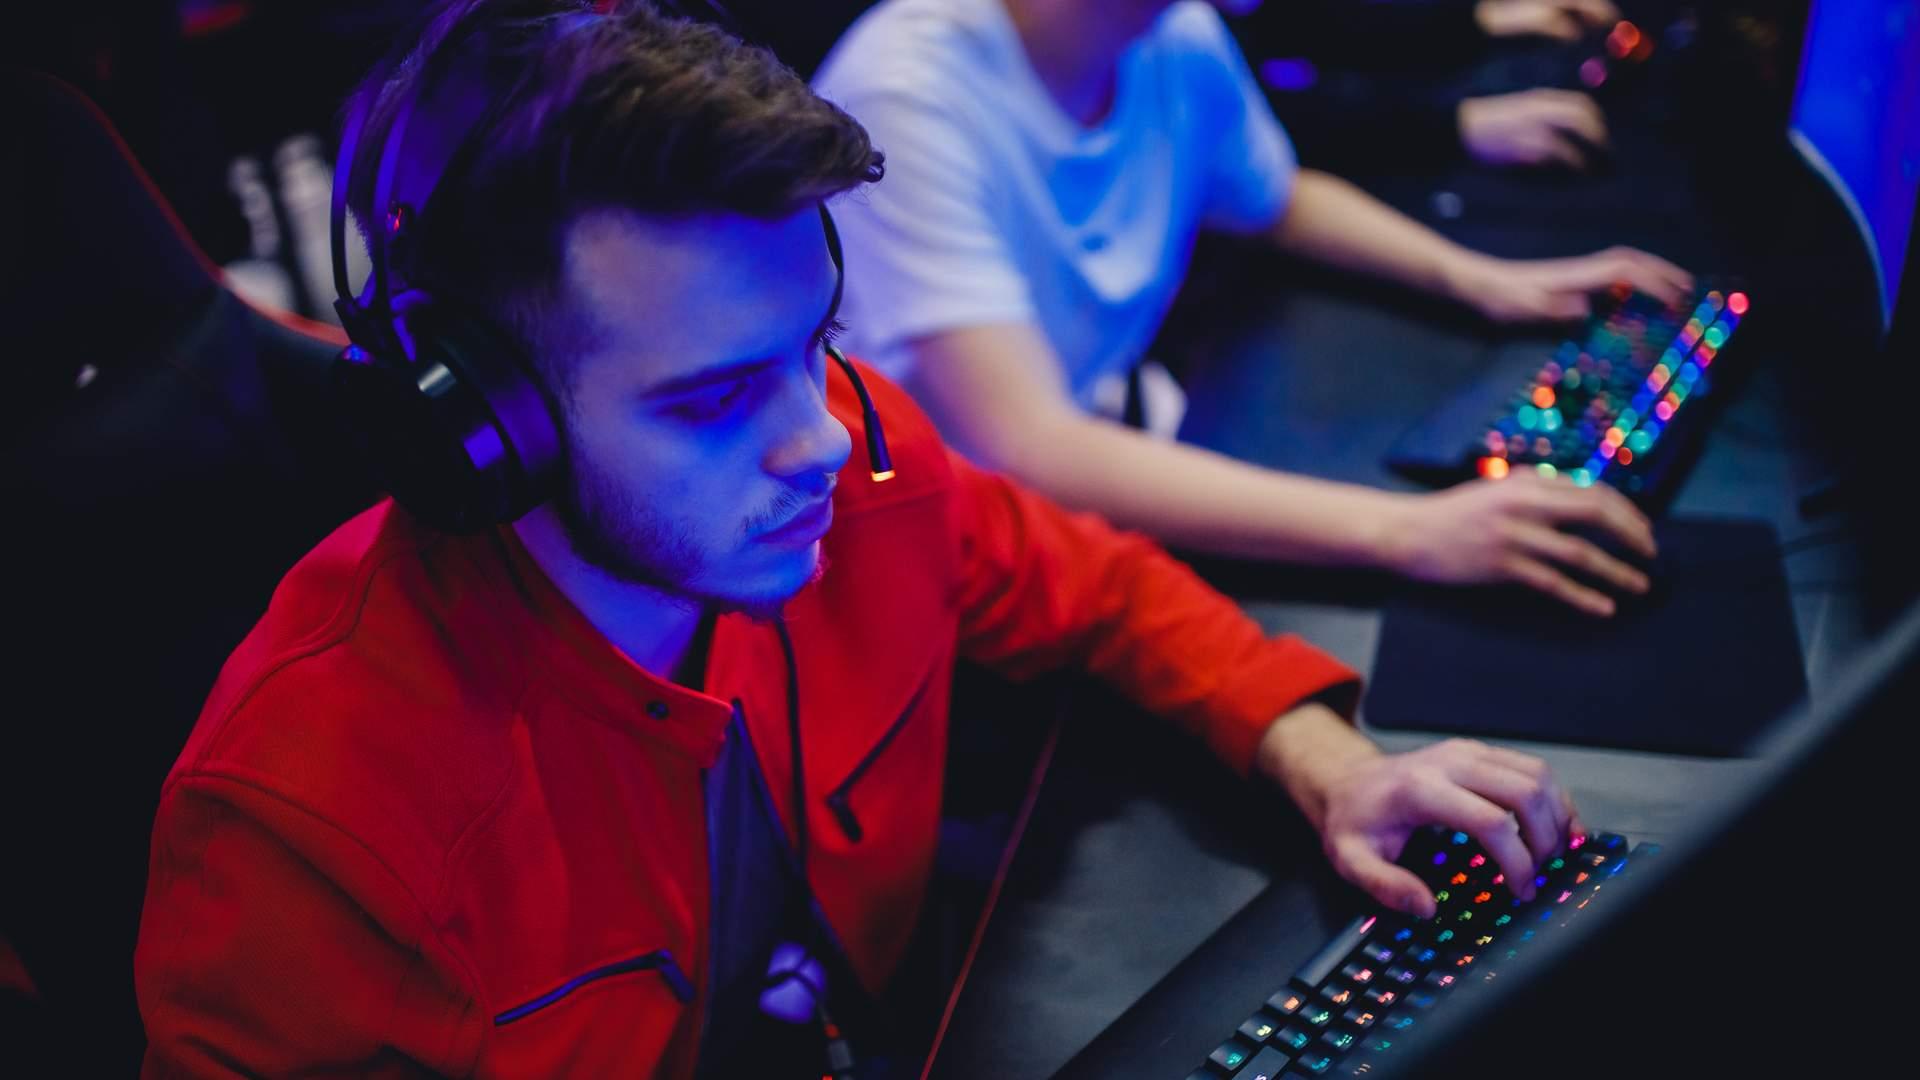 Jogos competitivos exigem muitos reflexos, concentração e precisão de seus jogadores (Fonte: Shutterstock/Parilov)